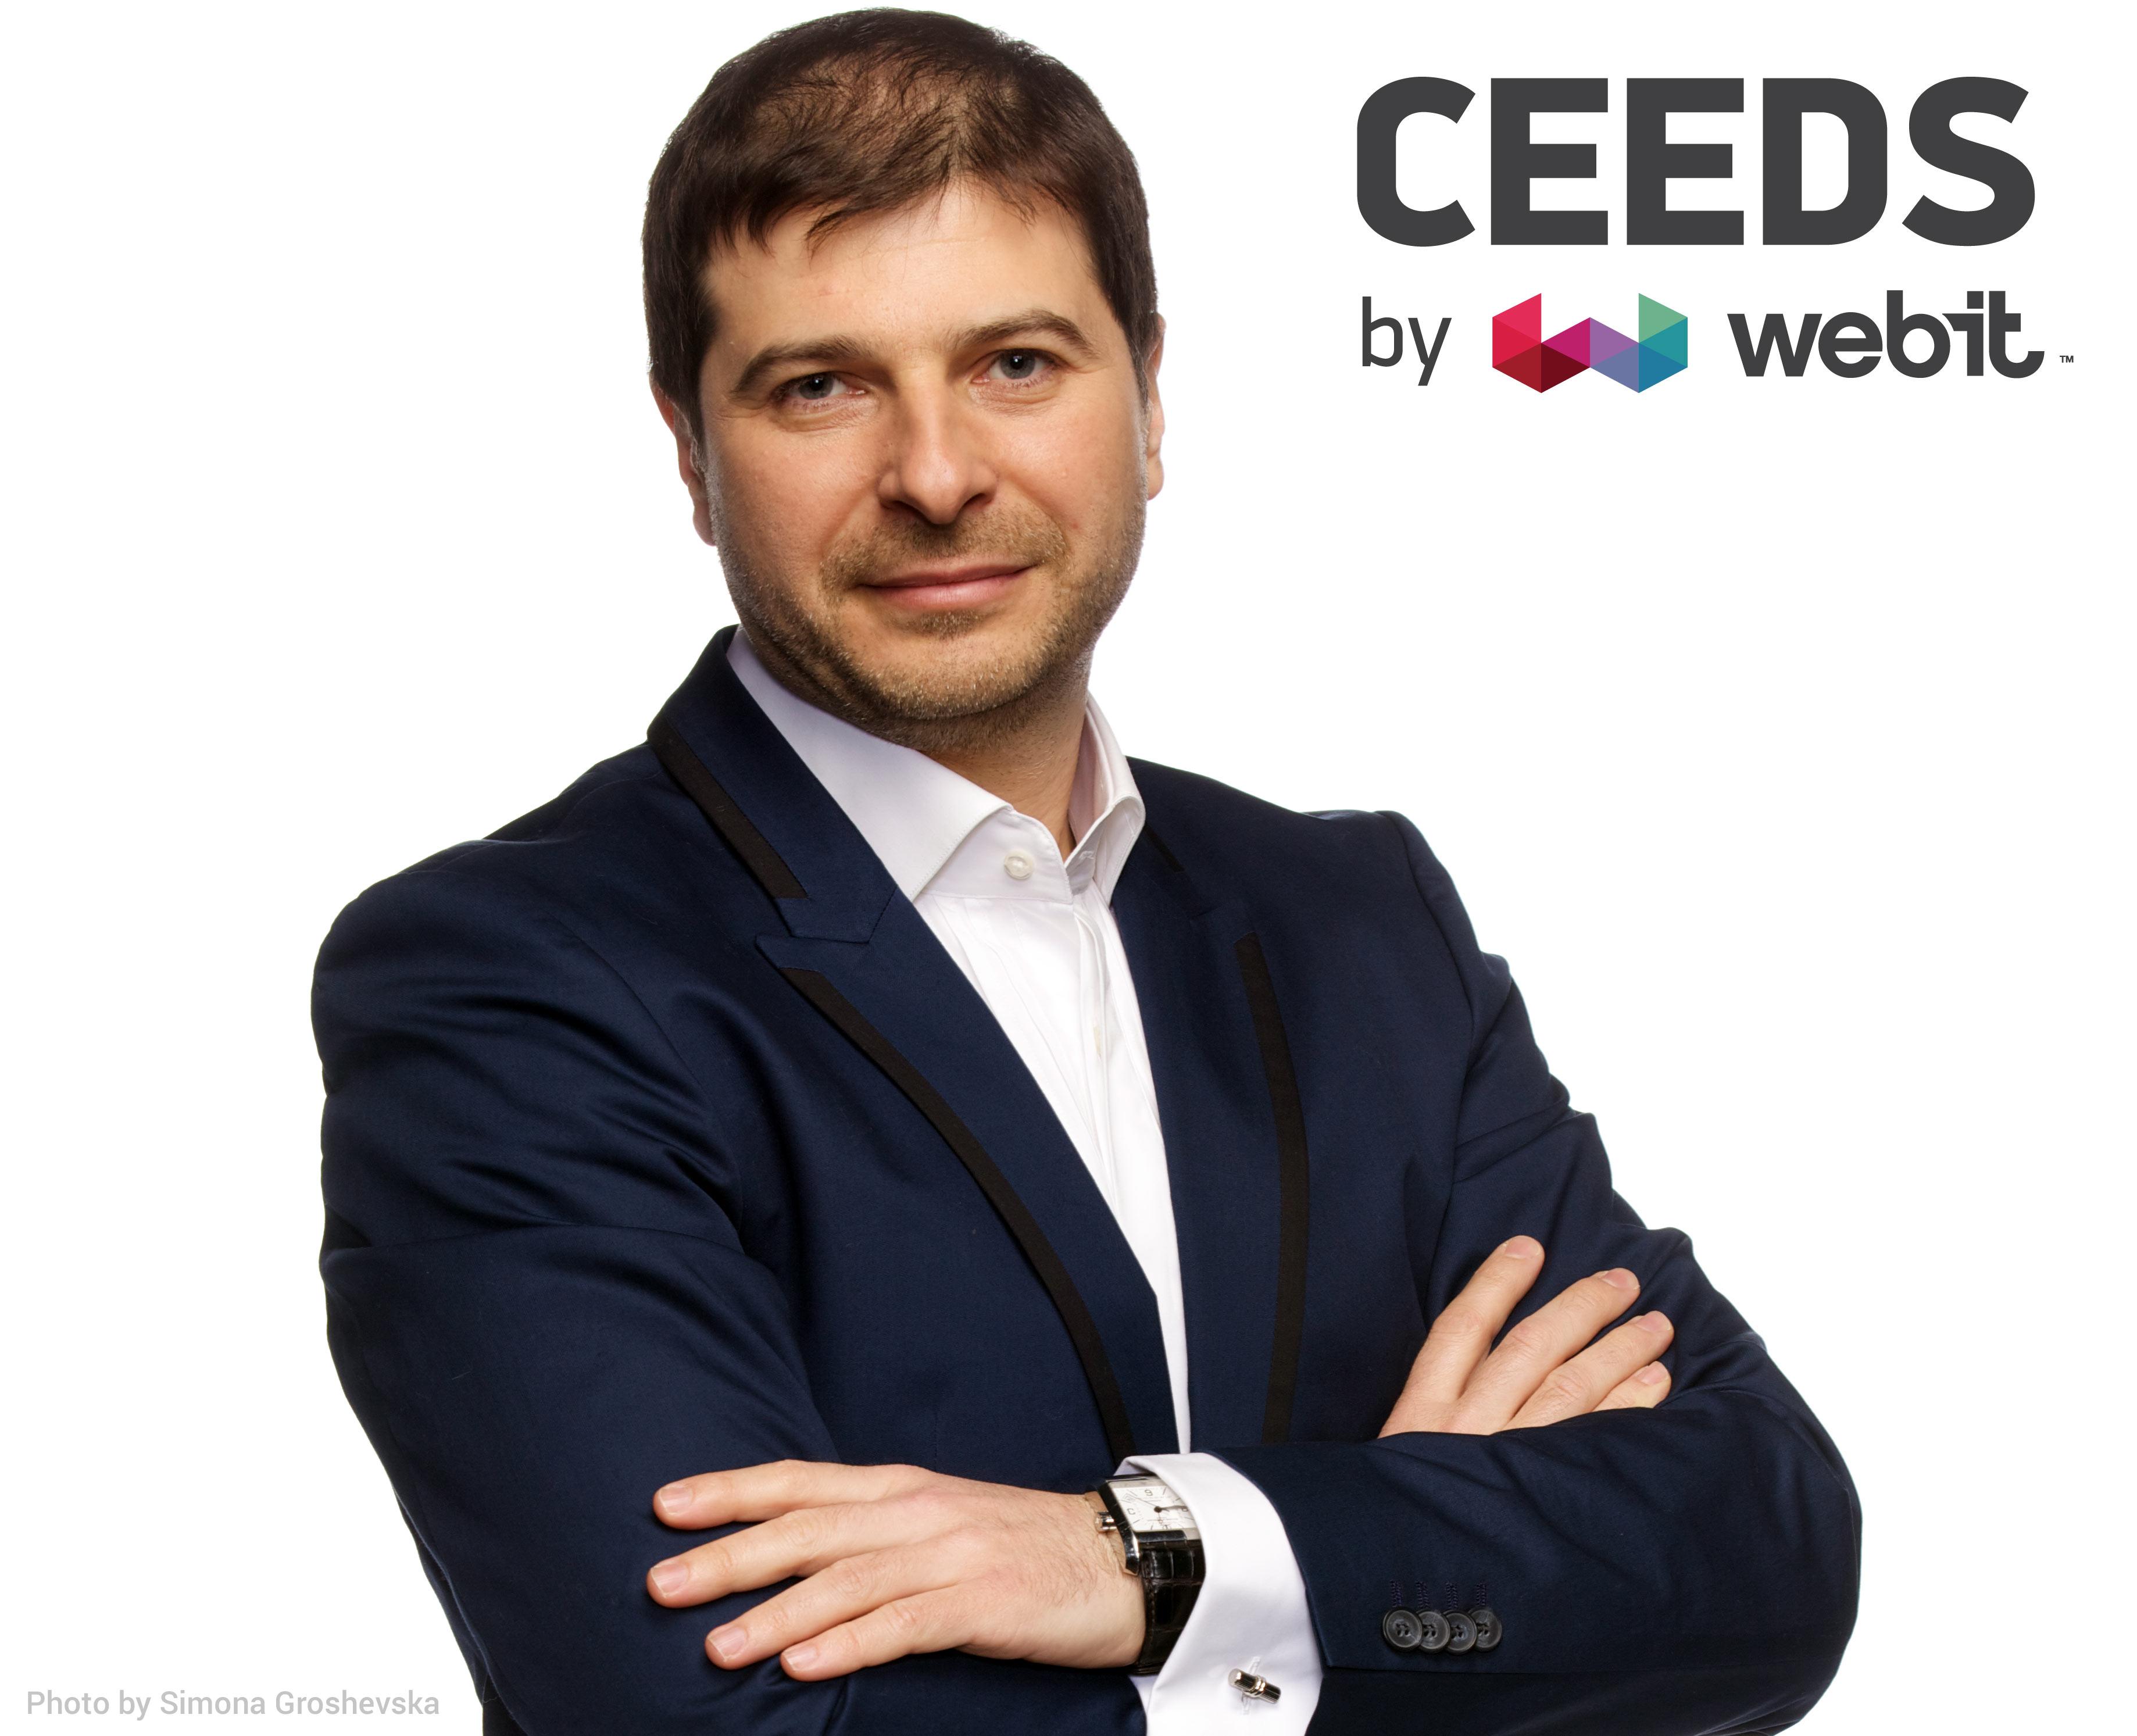 Plamen Russev CEEDS by Webit